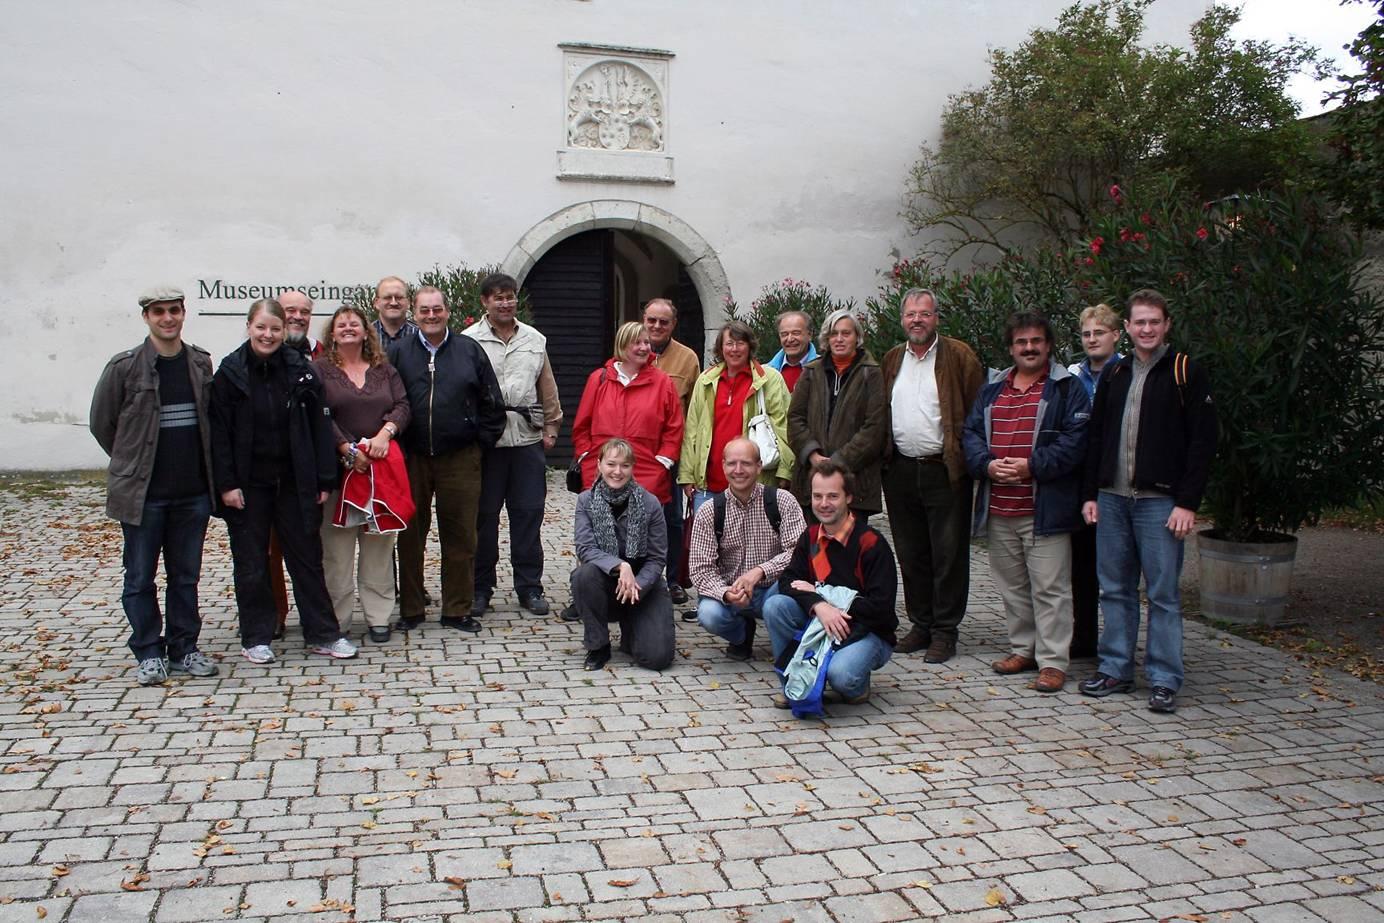 Impaktkrater Nördlinger Ries, Fossilienfundstätte Solnhofen-Eichstätt, 08. - 09.09.2007